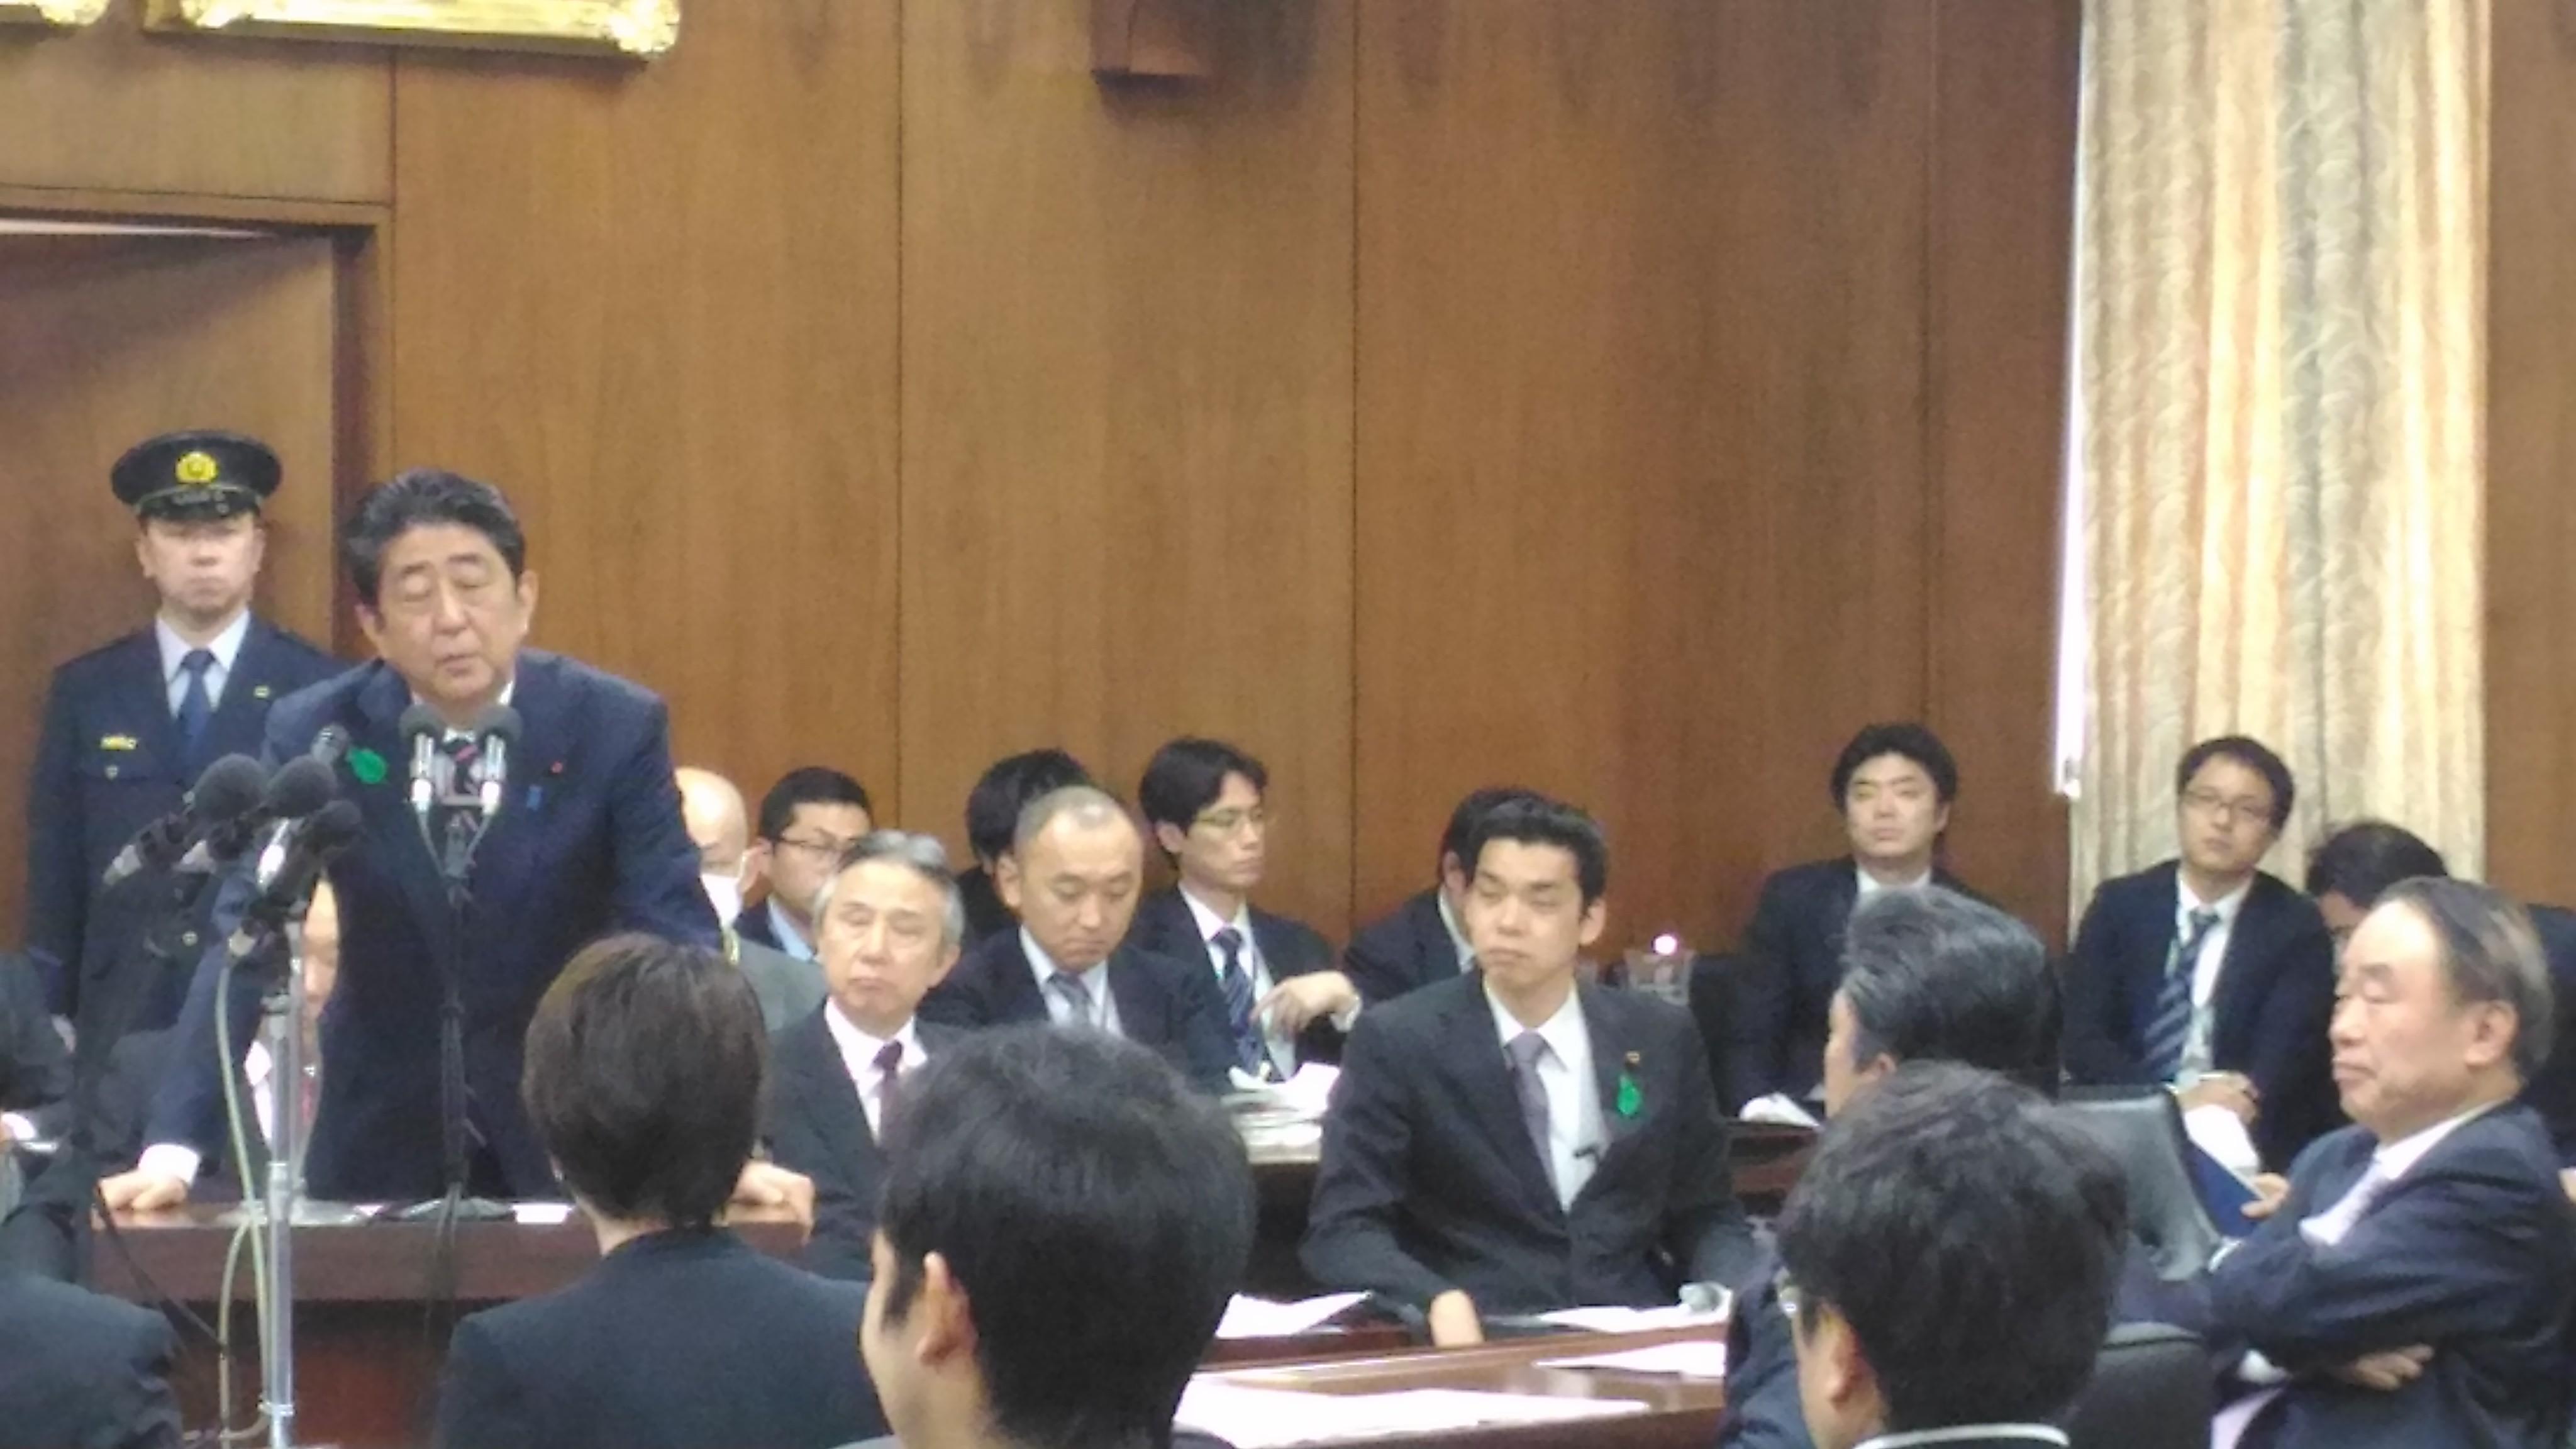 安倍総理が入り、テロ等準備罪の法務委員会審議が始まる~7時間コースの画像